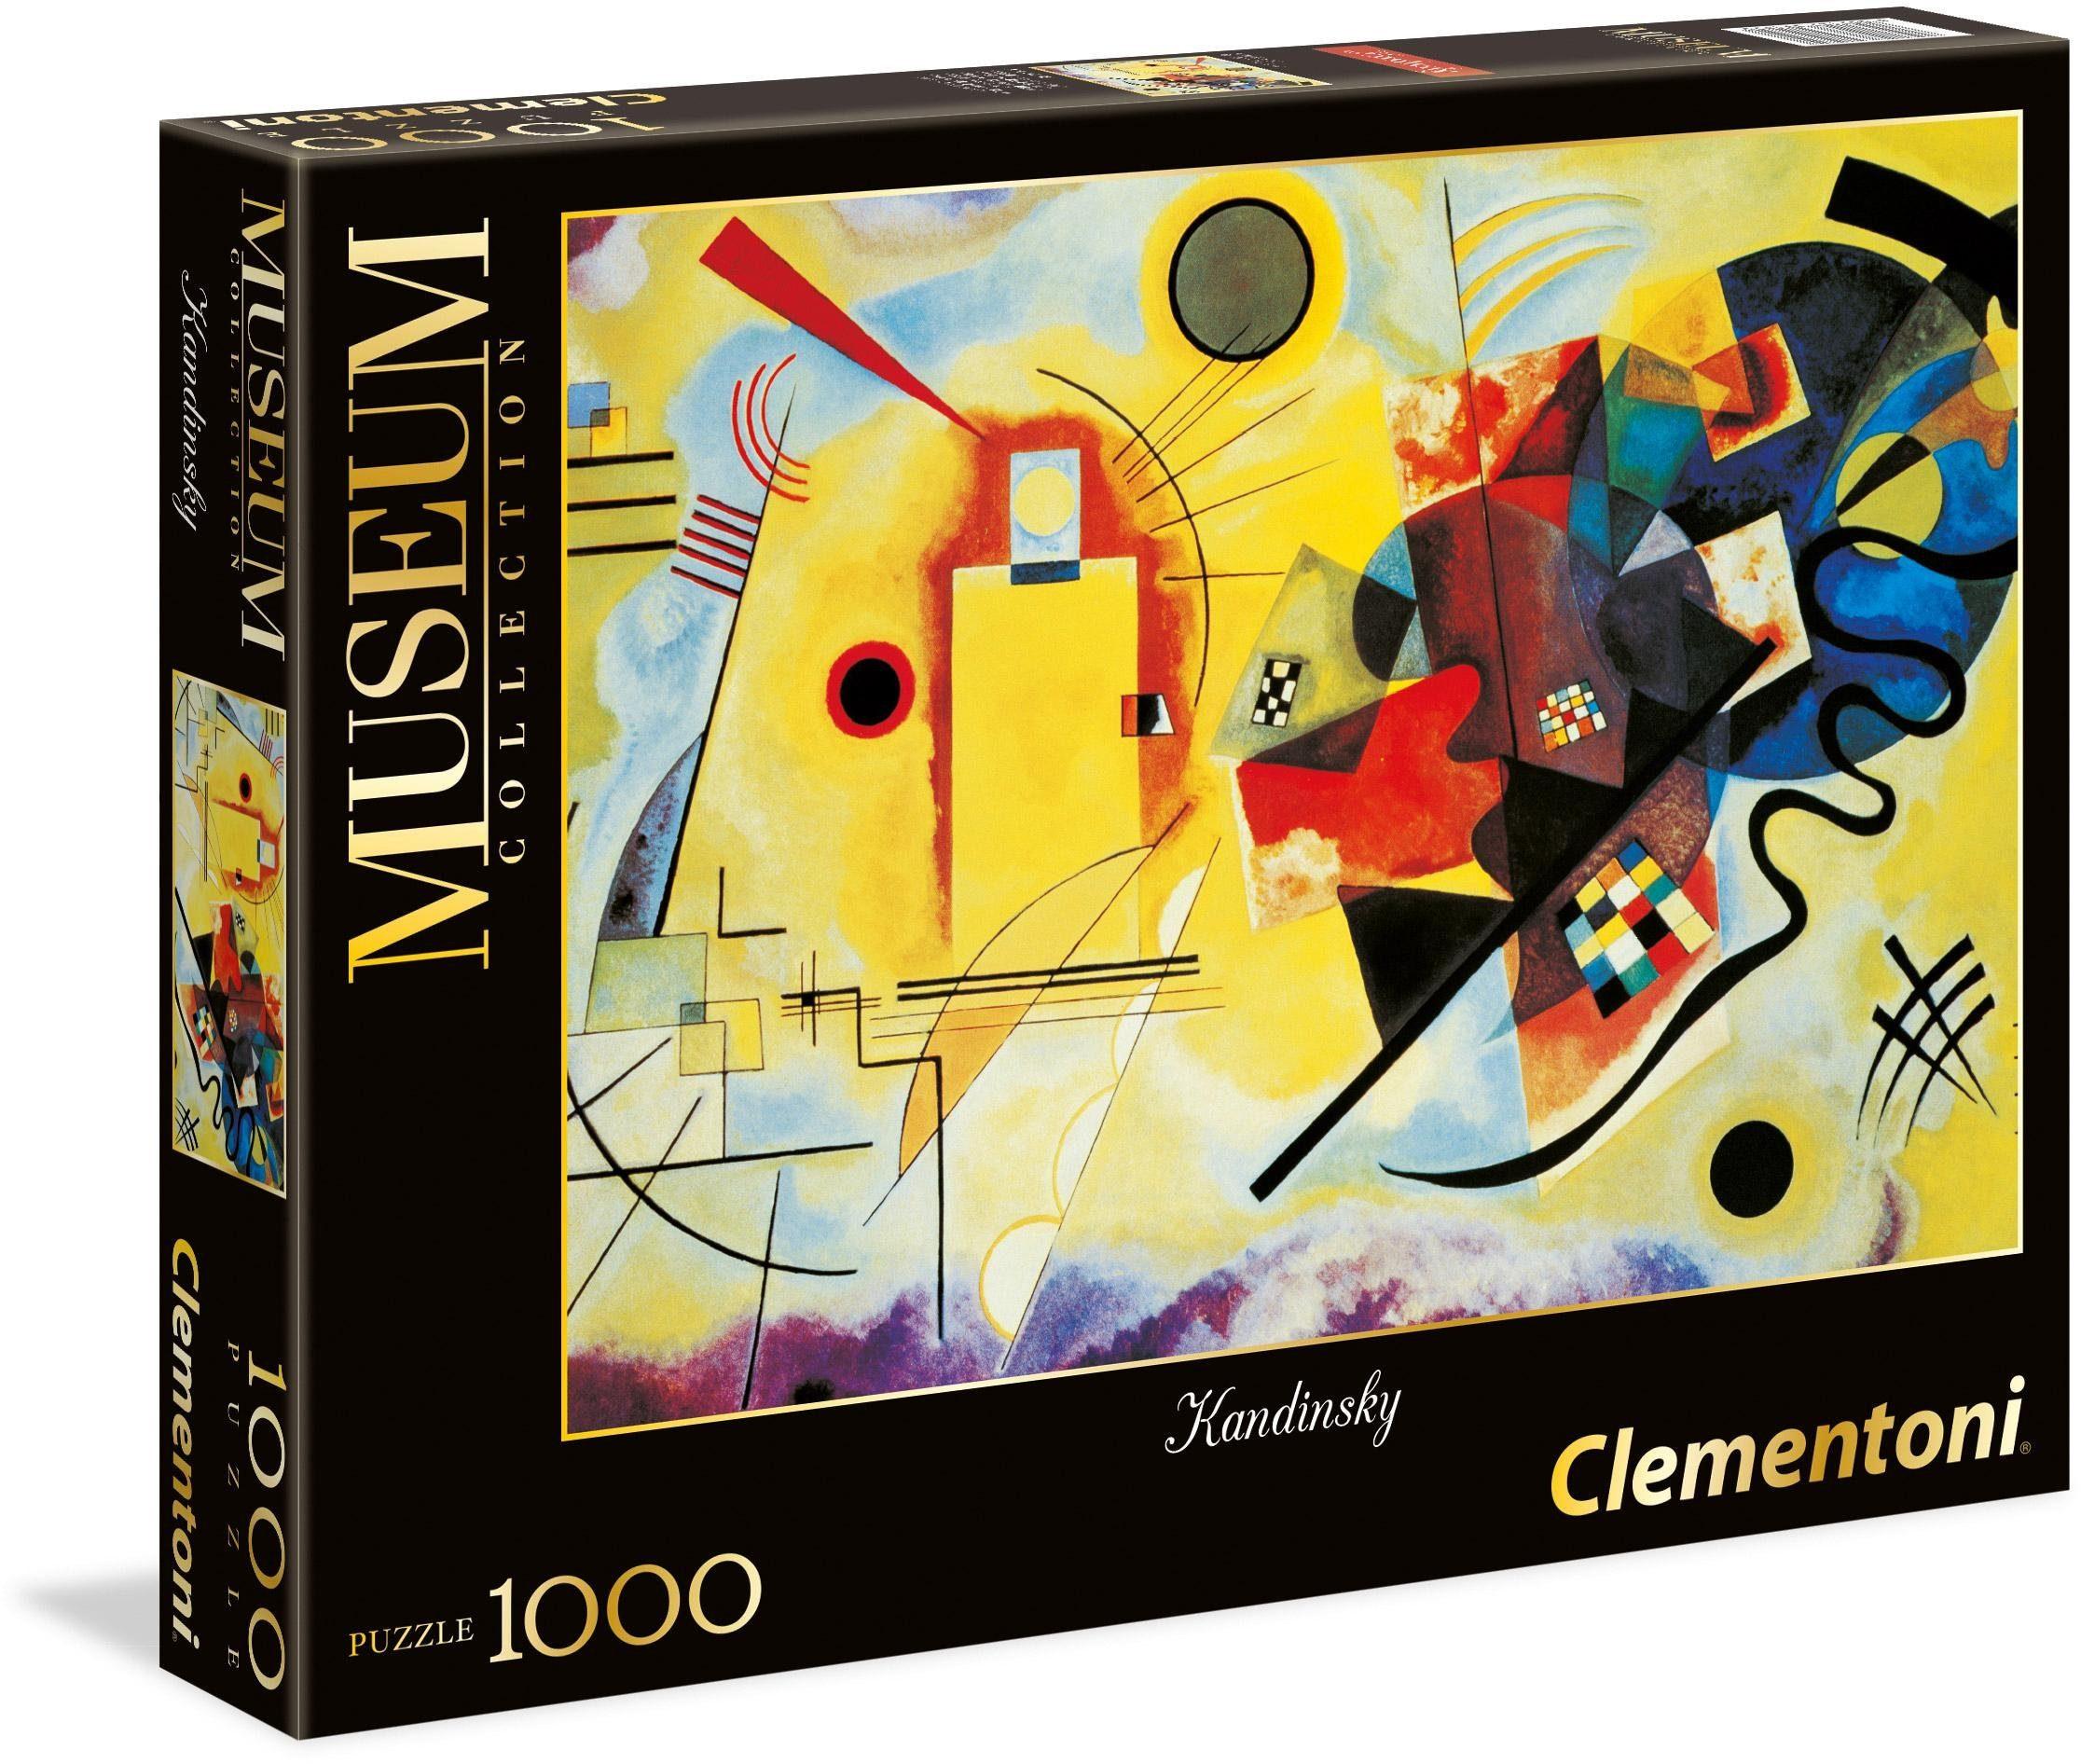 Clementoni Puzzle, 1000 Teile, »Kandinsky: Gelb-Rot-Blau«